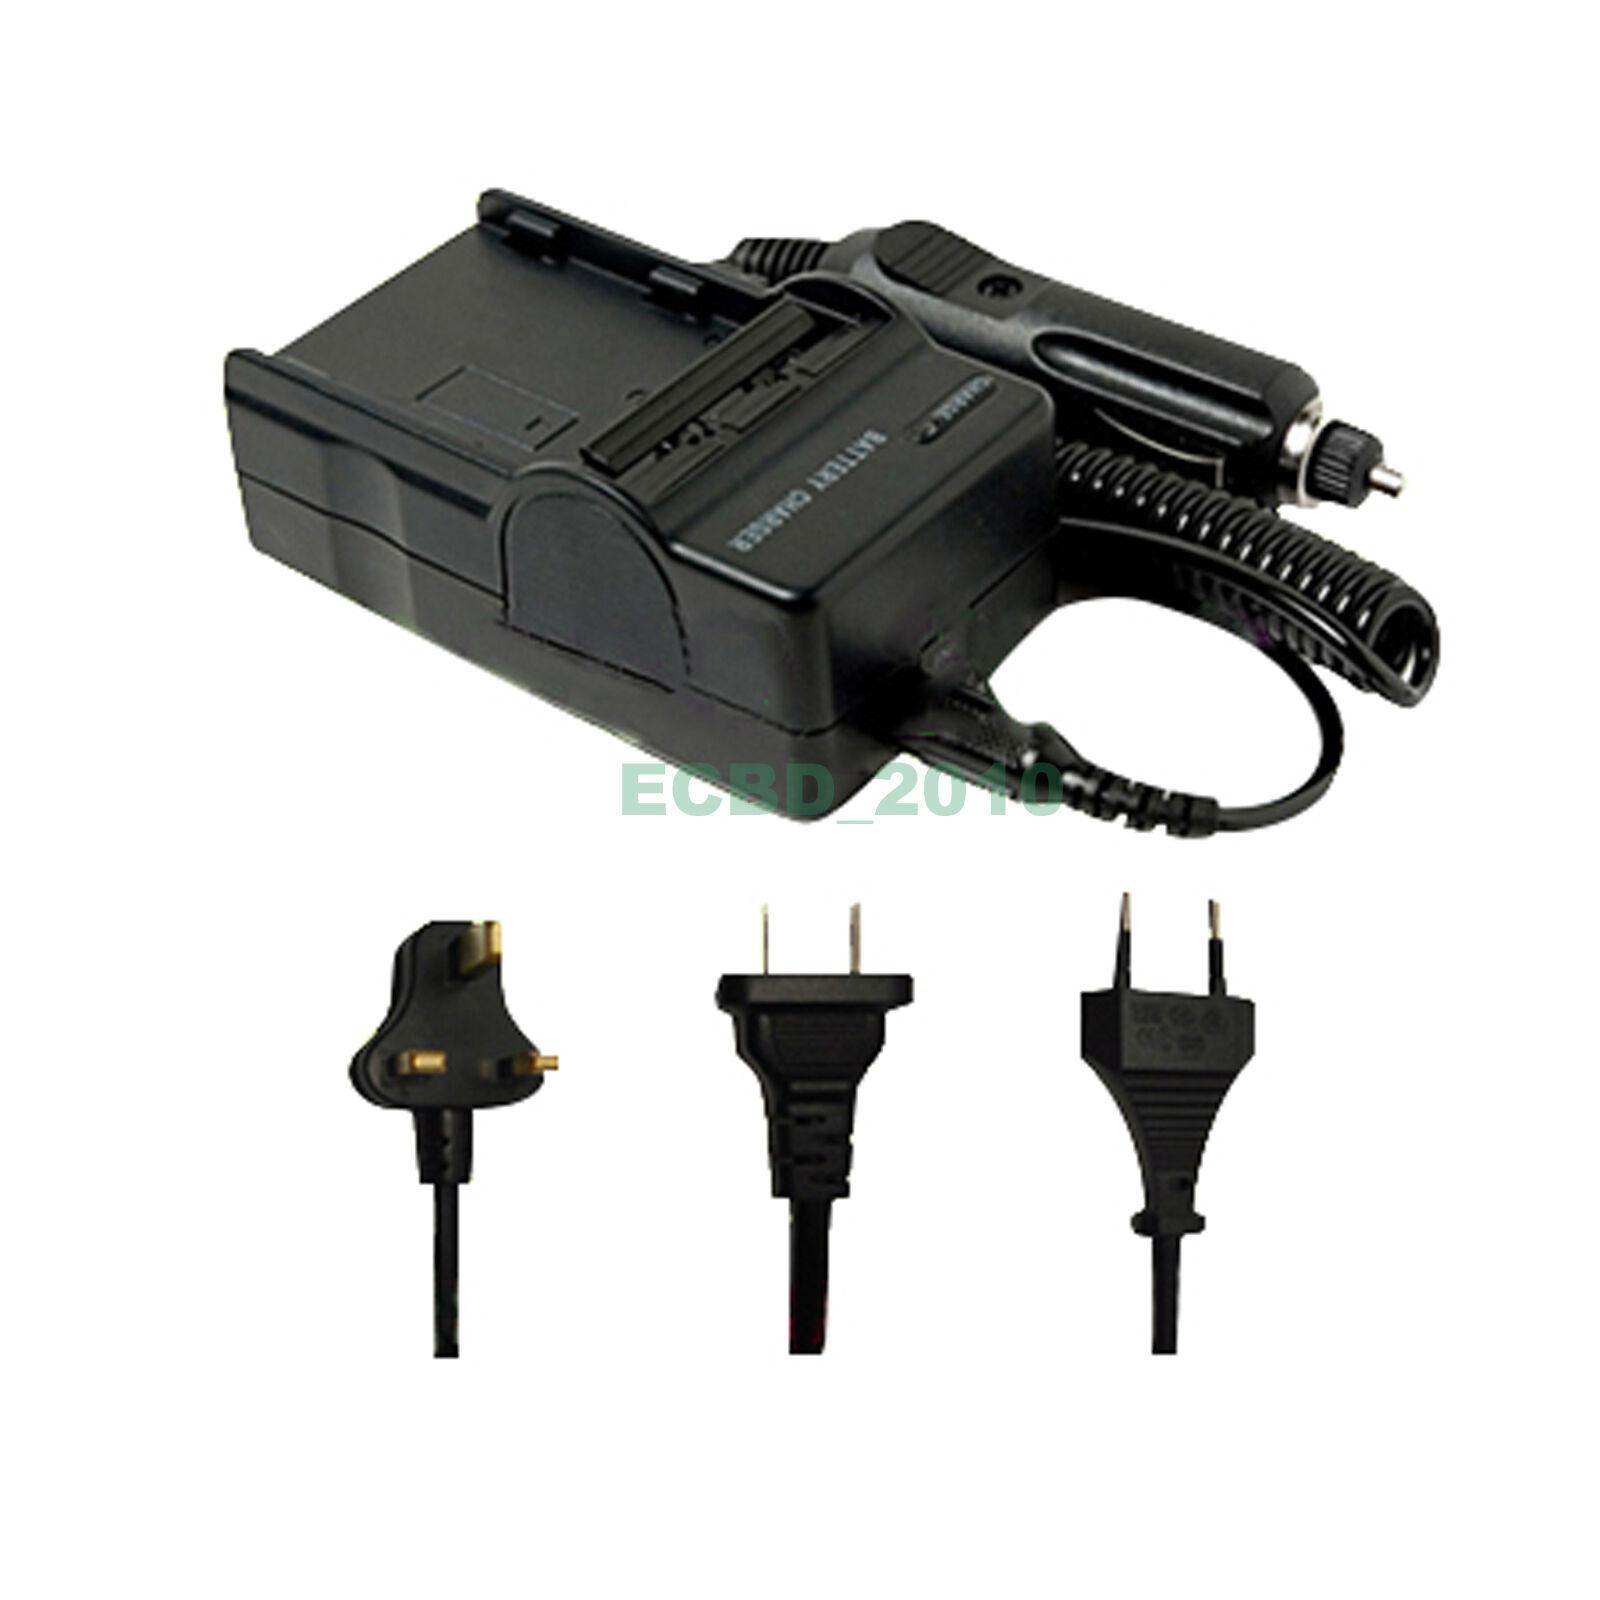 Battery Charger For Sony Handycam HDR-HC7/HC9 DCR-SX30 DCR-DVD306 DCR-DVD306E